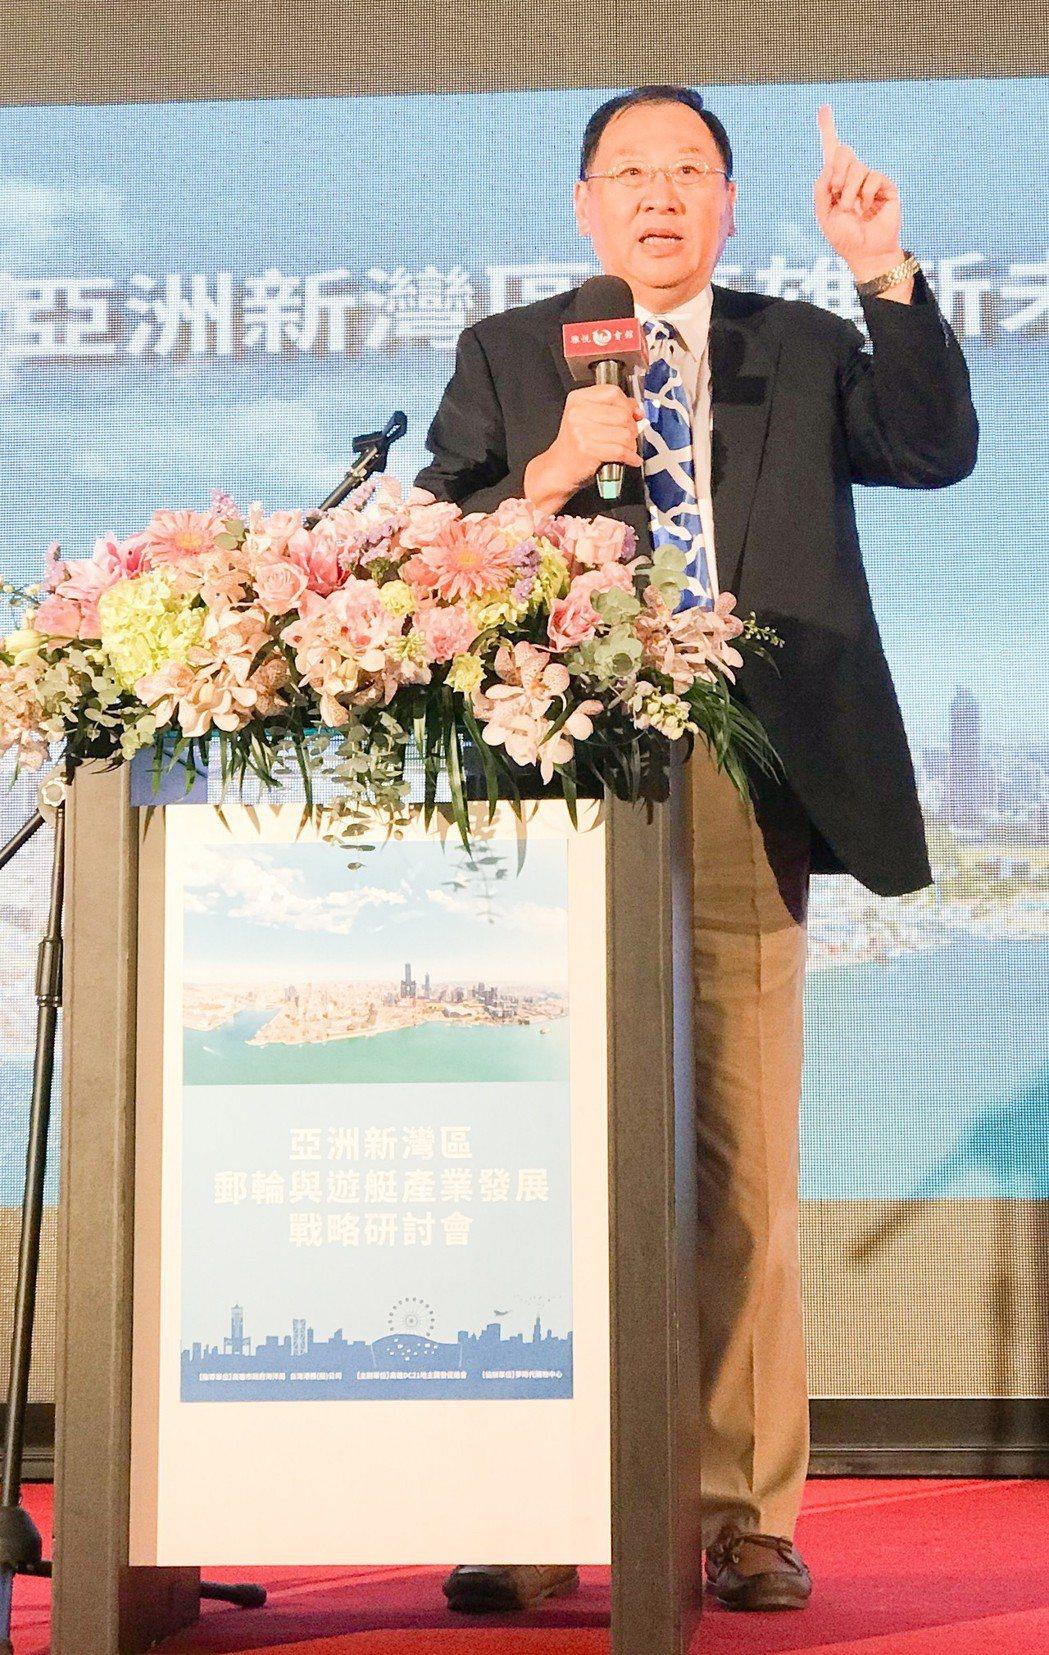 高雄市政府海洋局長趙紹廉說,市府一定會以海洋城市的胸襟,盡力營造友善國際郵輪旅客...